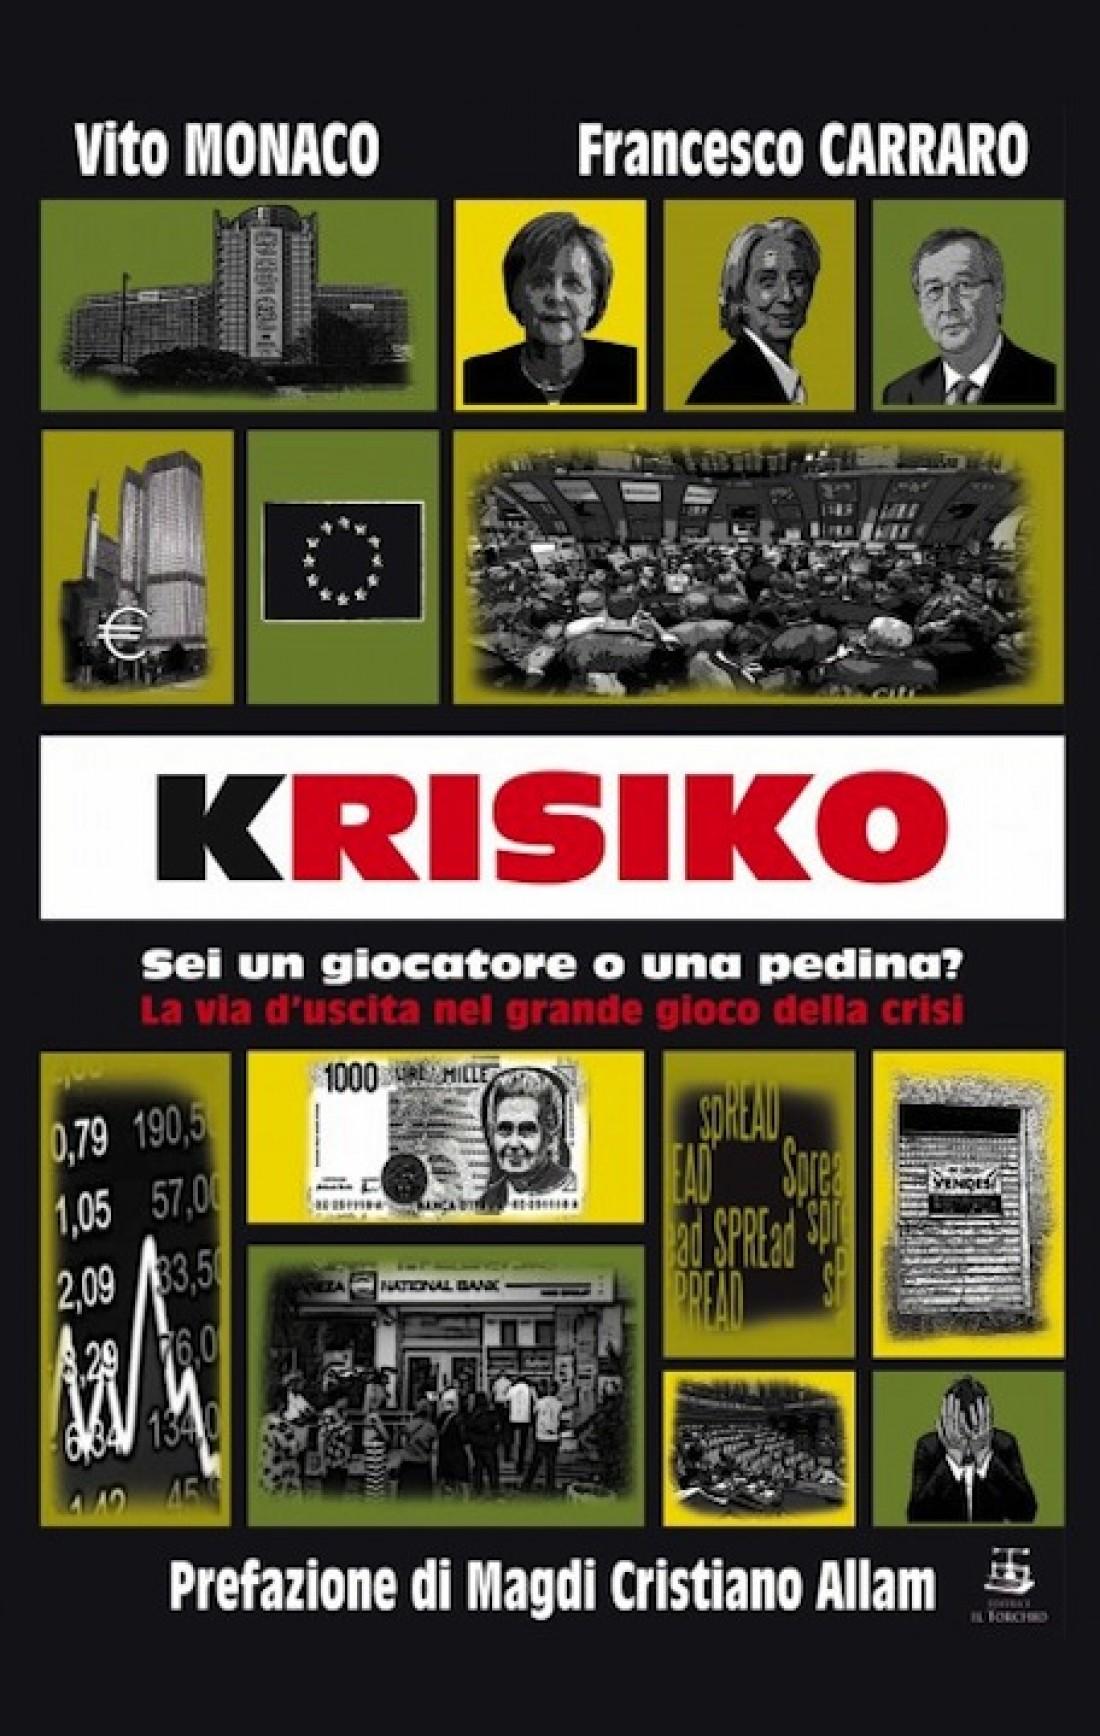 Krisiko, Sei un giocatore o una pedina?